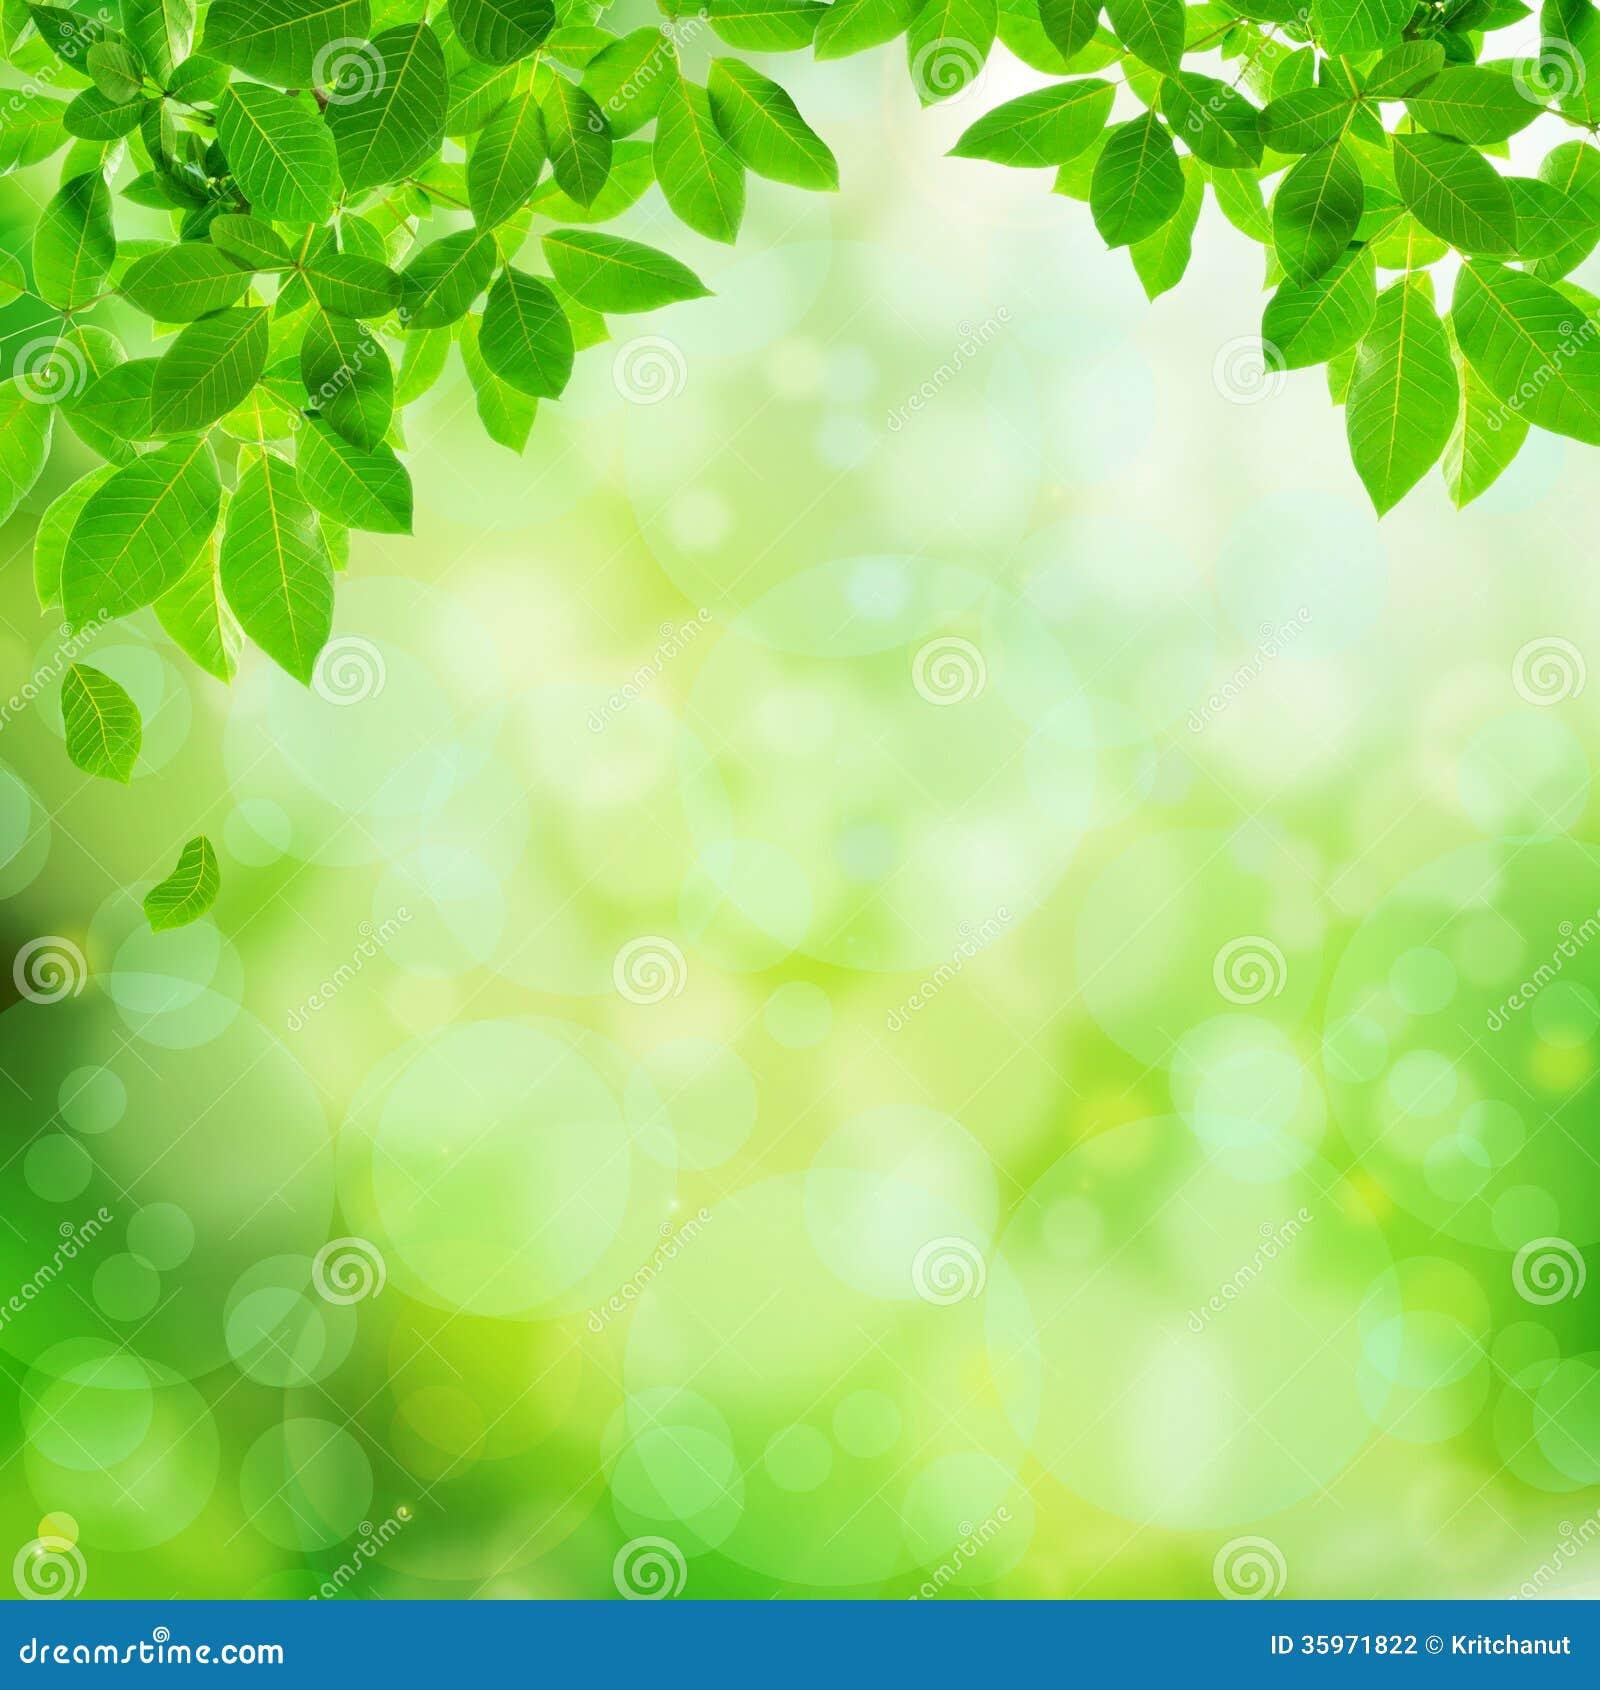 abstract natural green vector - photo #44